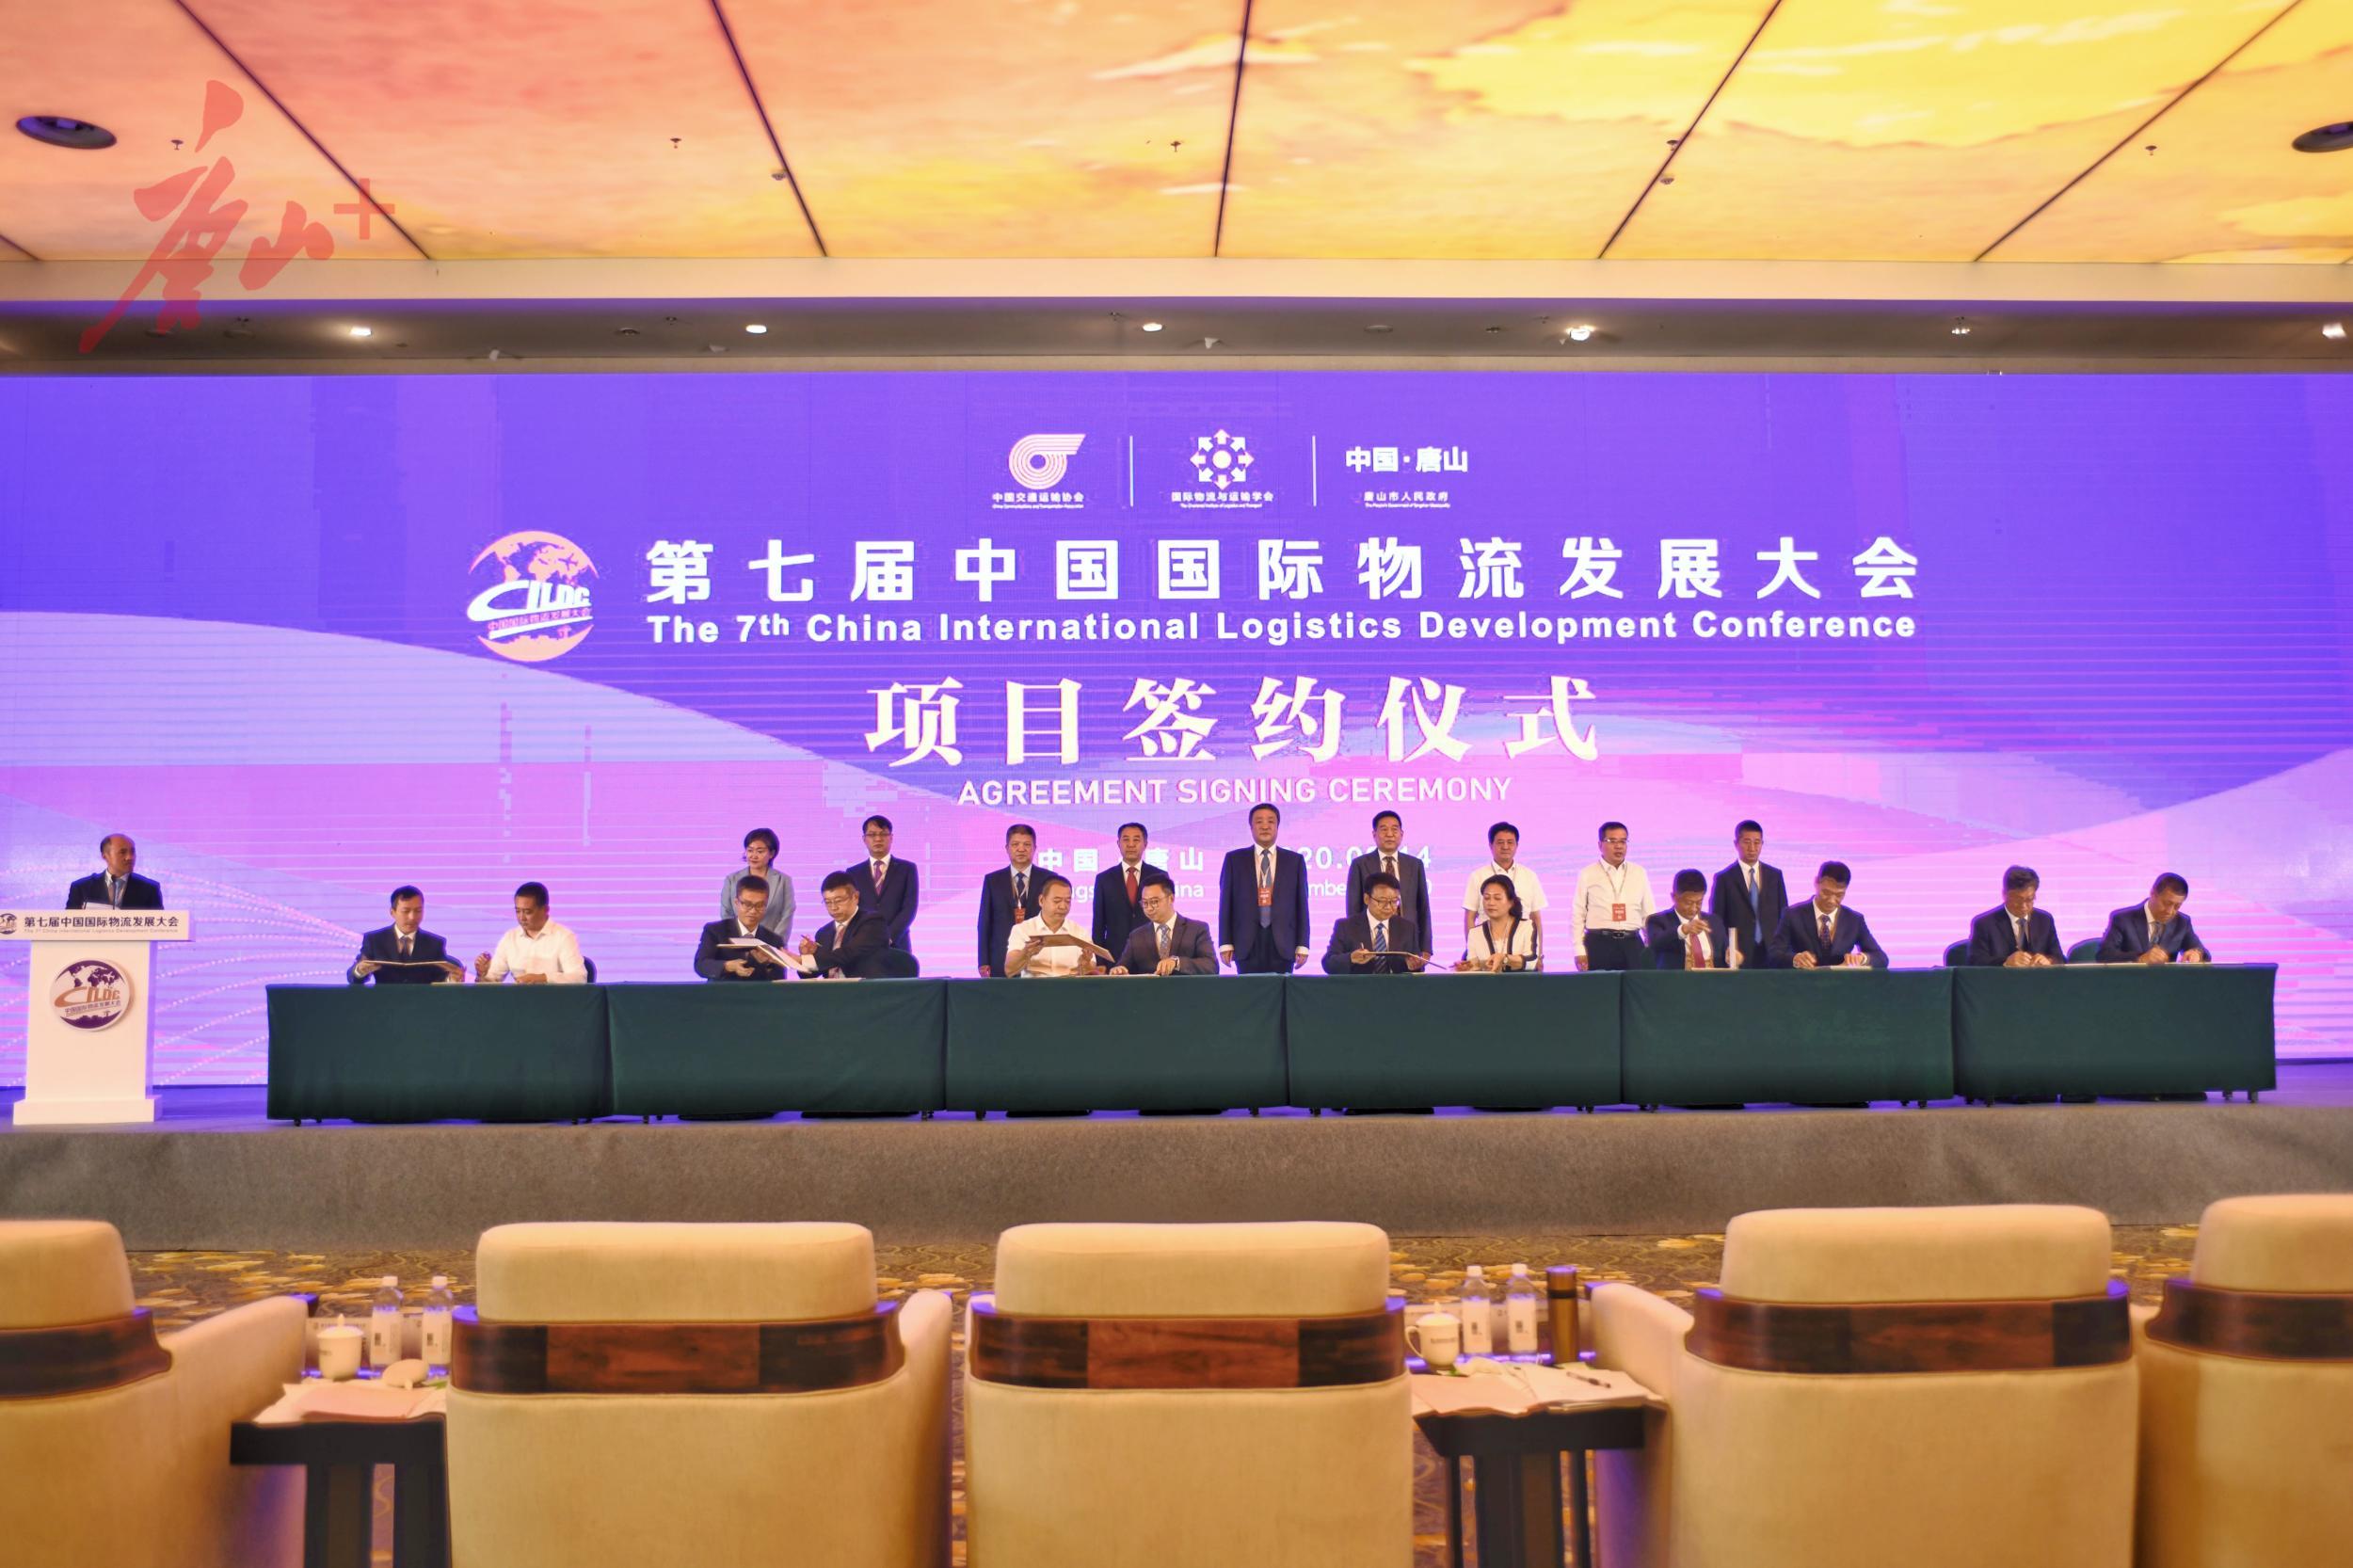 第七届中国国际物流发展大会24个重点项目签约